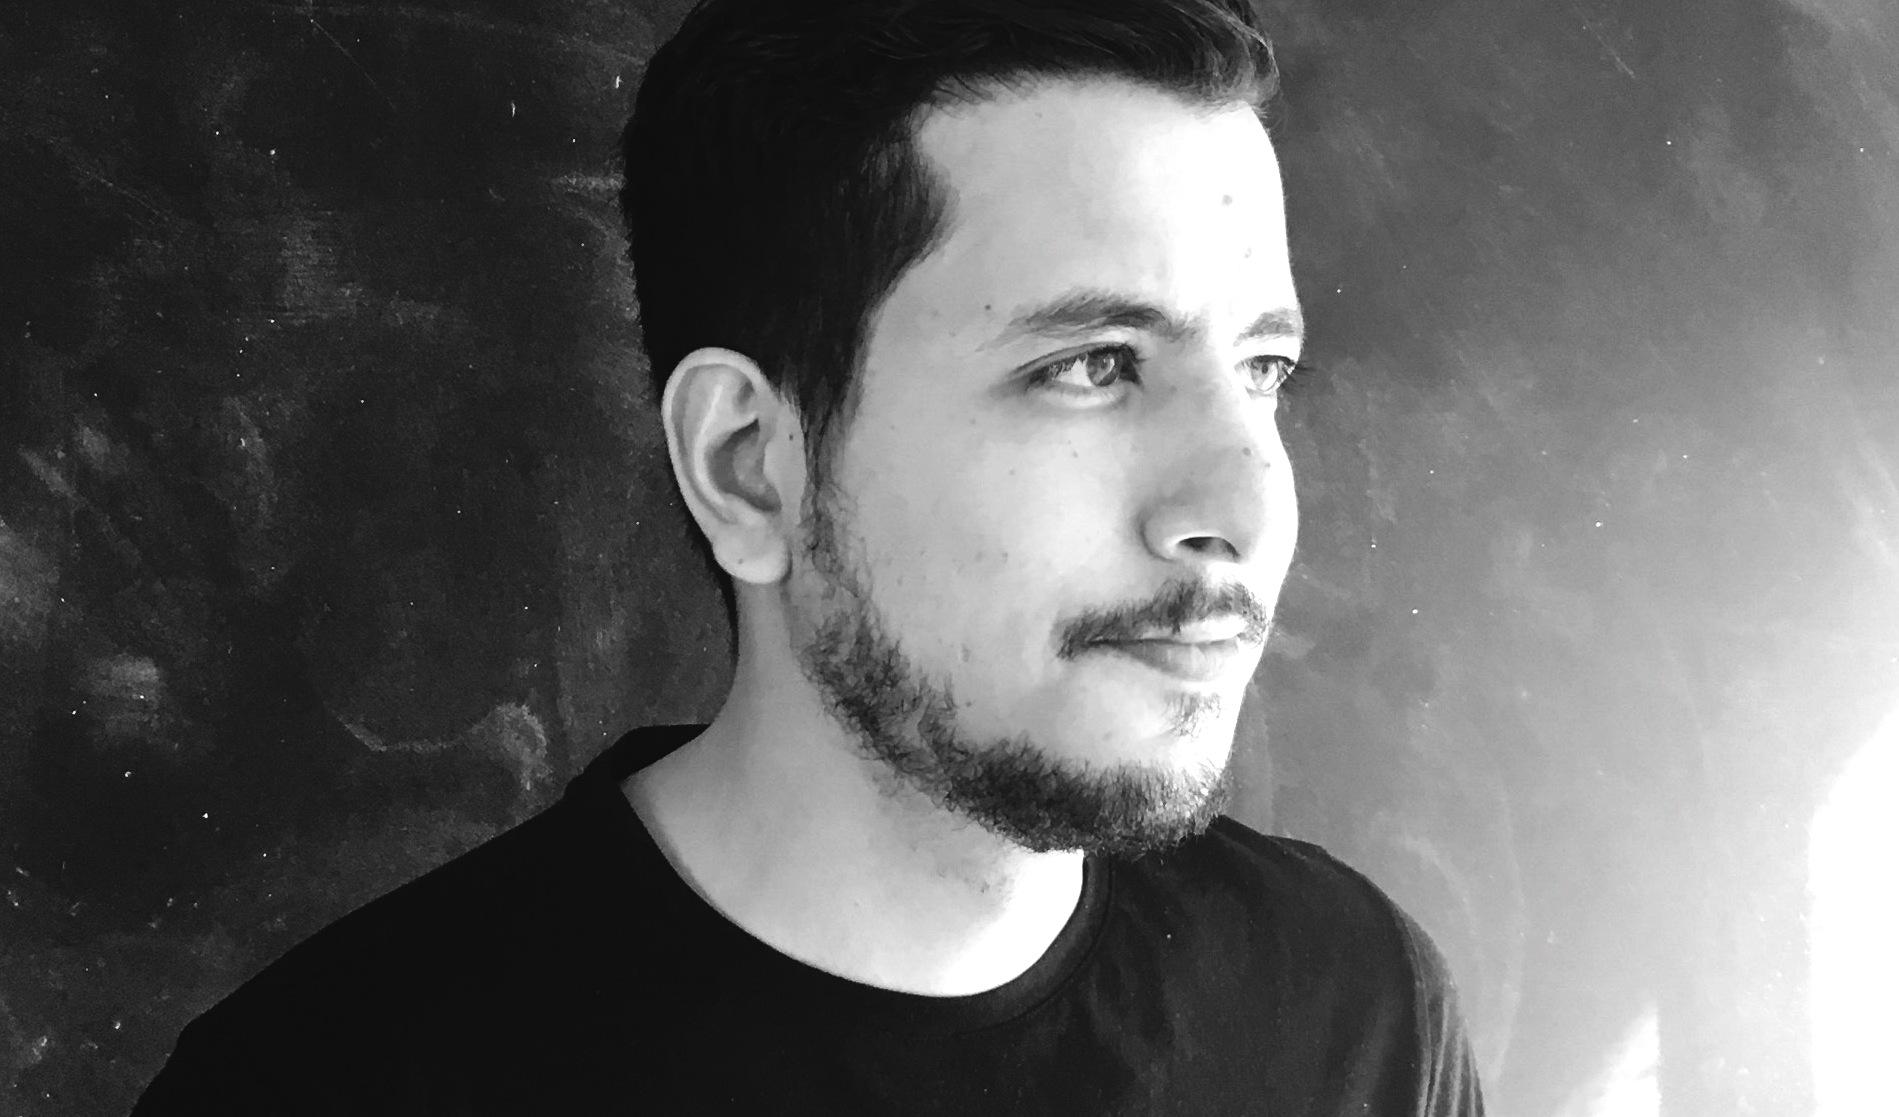 André-Arrais-Entrevista-Fausto